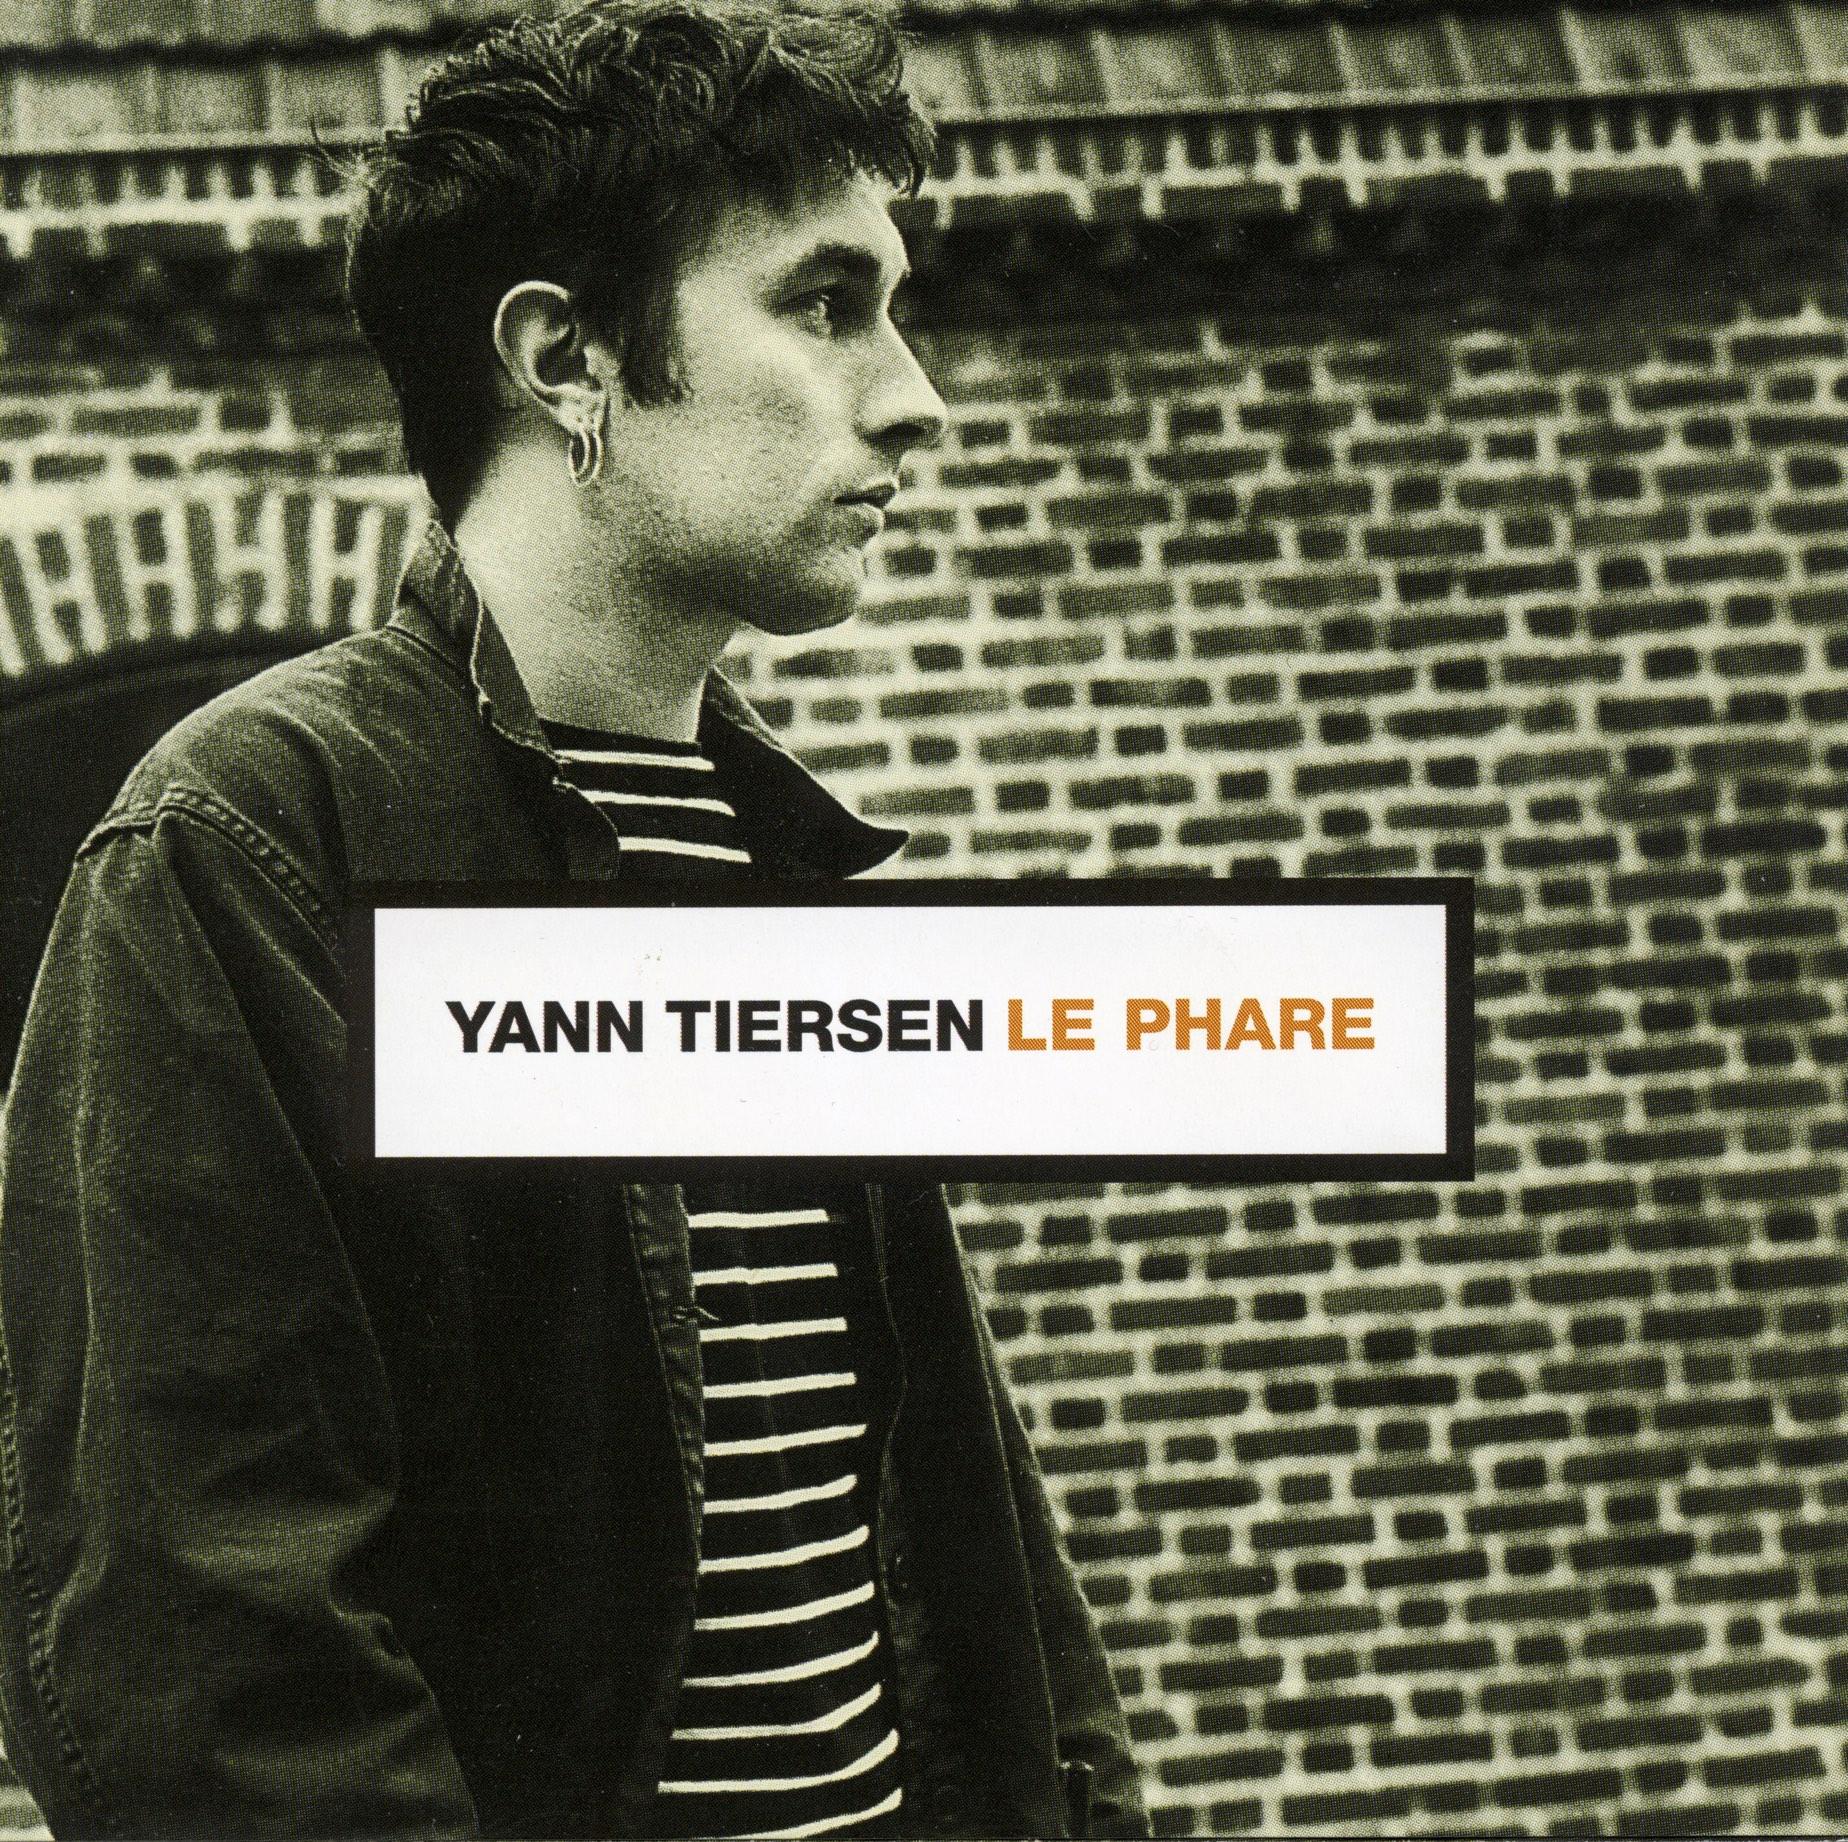 1997 - Yann Tiersen